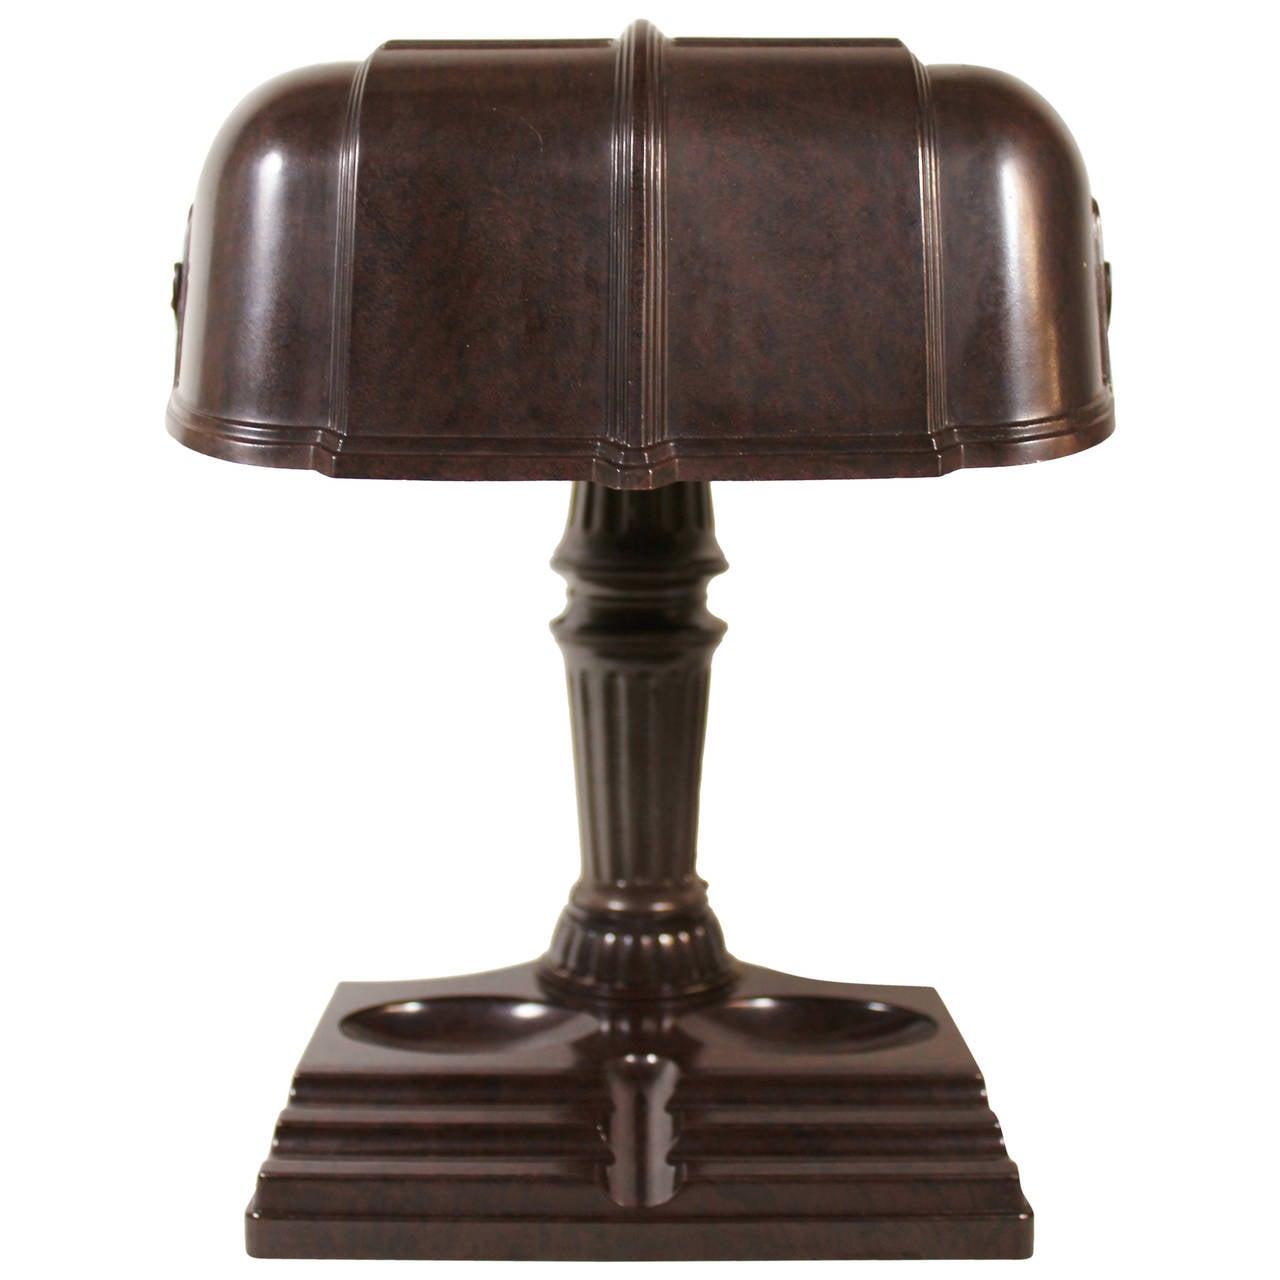 Table Lamps For Desks : Art deco bakelite desk or banker s lamp at stdibs